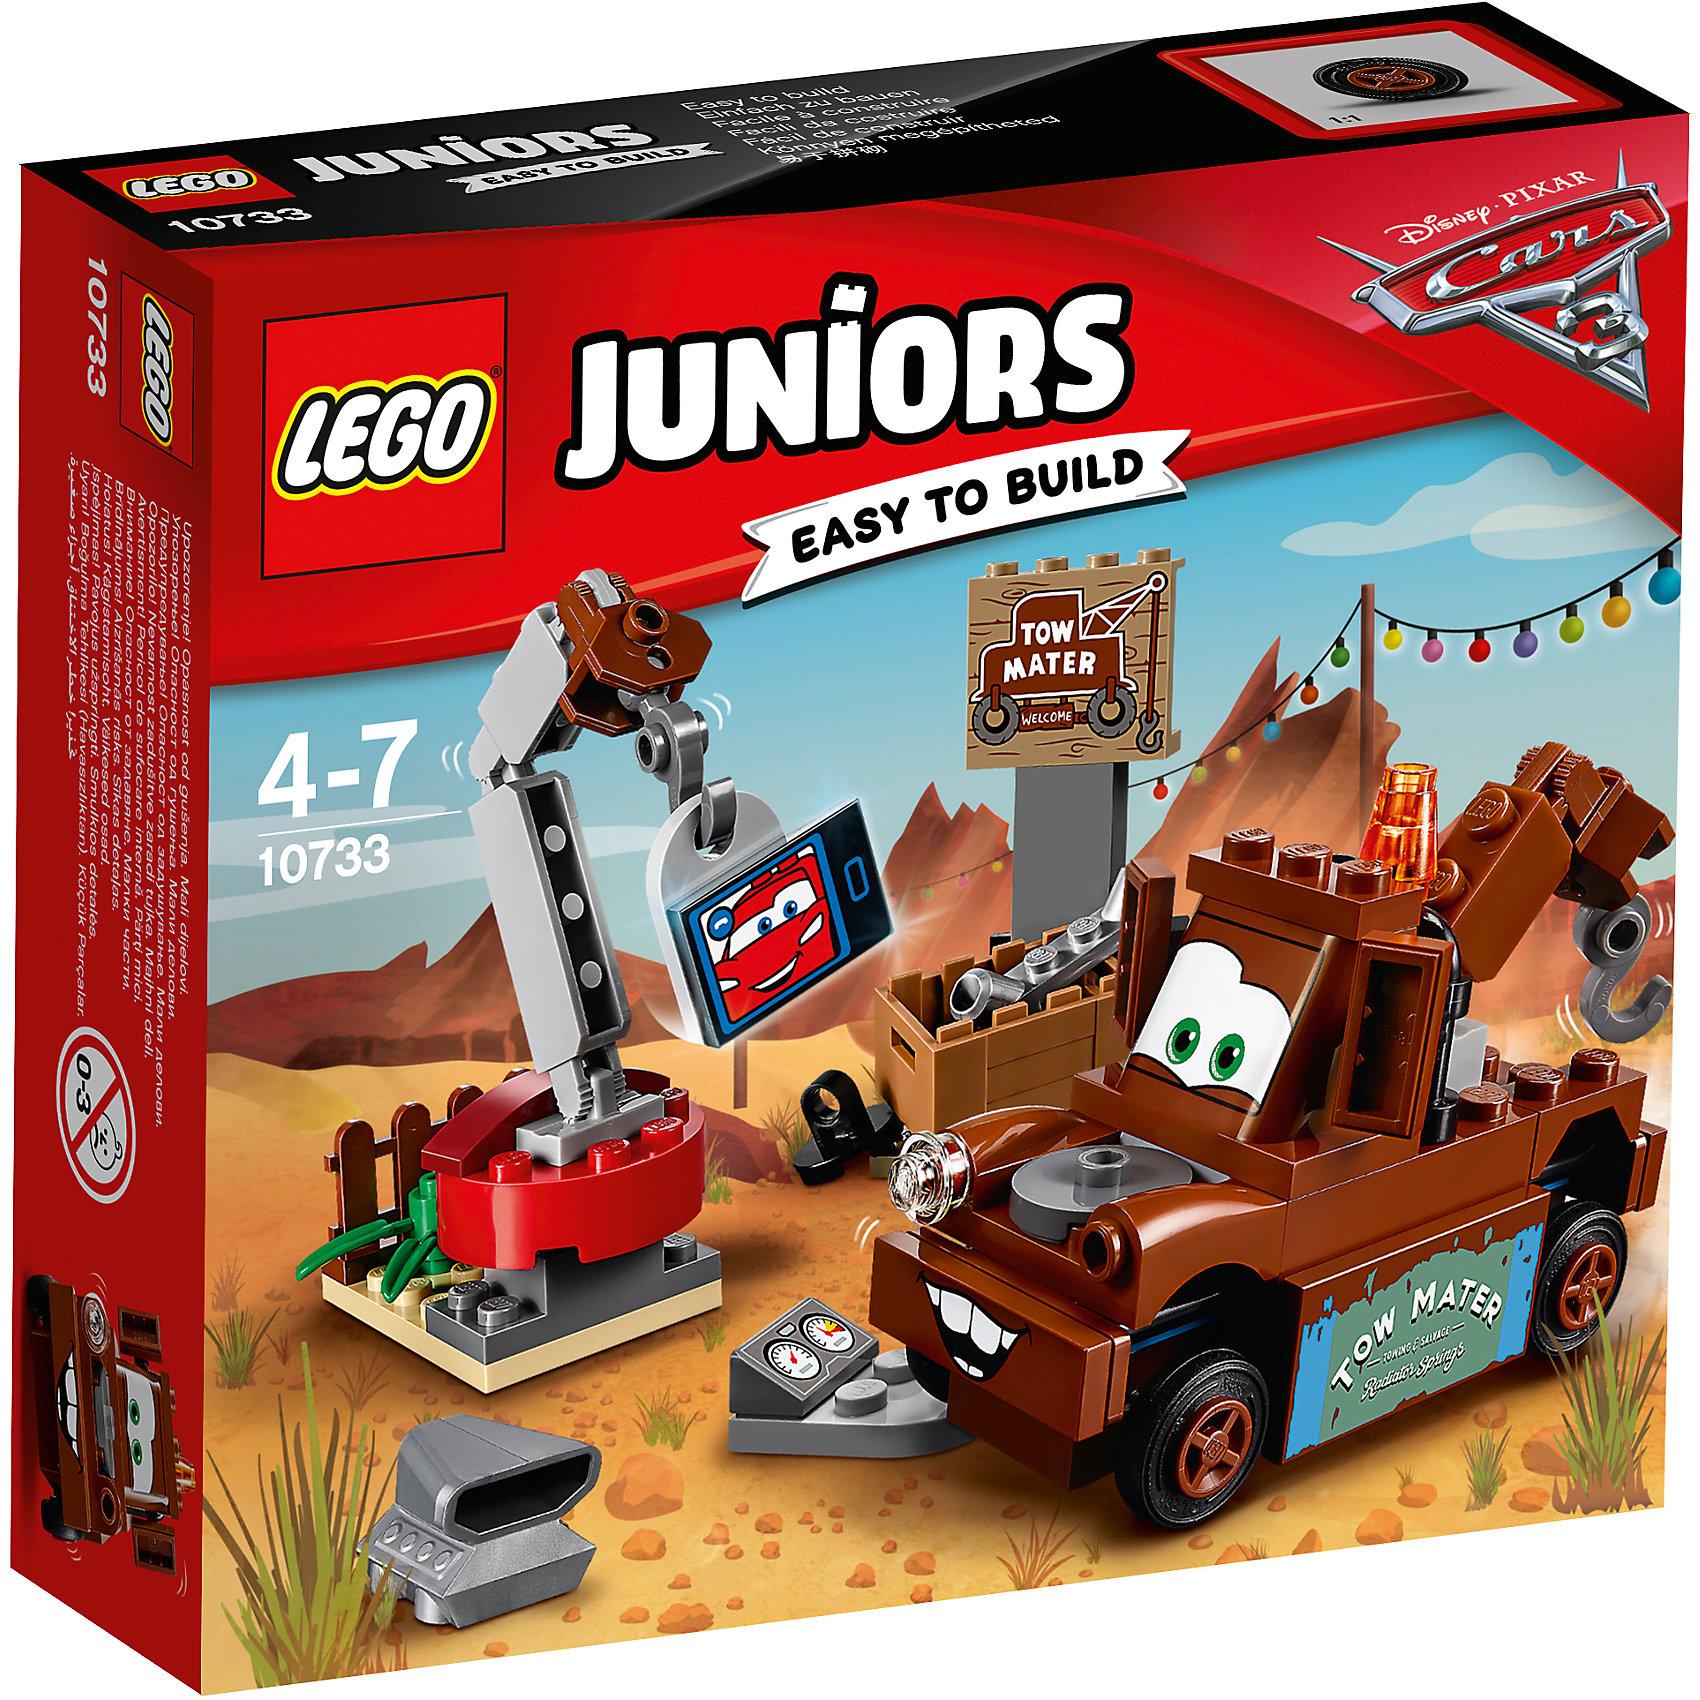 Конструктор LEGO Juniors 10733: Тачки 3 Свалка МэтраПластмассовые конструкторы<br>Характеристики товара:<br><br>• возраст: от 4 лет;<br>• материал: пластик;<br>• в комплекте: 62 детали, инструкция;<br>• размер упаковки: 15,7х14х4,5 см;<br>• вес упаковки: 140 гр.;<br>• страна производитель: Венгрия.<br><br>Конструктор Lego Juniors «Свалка Мэтра» создан по мотивам мультфильма «Тачки 3». Мэтр — лучший друг Молнии МакКуина. Он работает на свалке и разбирает заброшенные старые запчасти при помощи подвижного крана или крюка на корпусе самого Мэтра. Все запчасти располагаются в небольшом ящике. А если во время перерыва он захочет поговорить со своим другом, то может это сделать по настоящей видеосвязи.<br><br>Из элементов предстоит собрать машинку Мэтра, кран и свалку. Все детали конструктора созданы из качественных безопасных материалов. В процессе сборки у ребенка развивается мелкая моторика рук, усидчивость, логическое мышление.<br><br>Конструктор Lego Juniors «Свалка Мэтра» можно приобрести в нашем интернет-магазине.<br><br>Ширина мм: 160<br>Глубина мм: 139<br>Высота мм: 45<br>Вес г: 132<br>Возраст от месяцев: 48<br>Возраст до месяцев: 84<br>Пол: Мужской<br>Возраст: Детский<br>SKU: 5620061